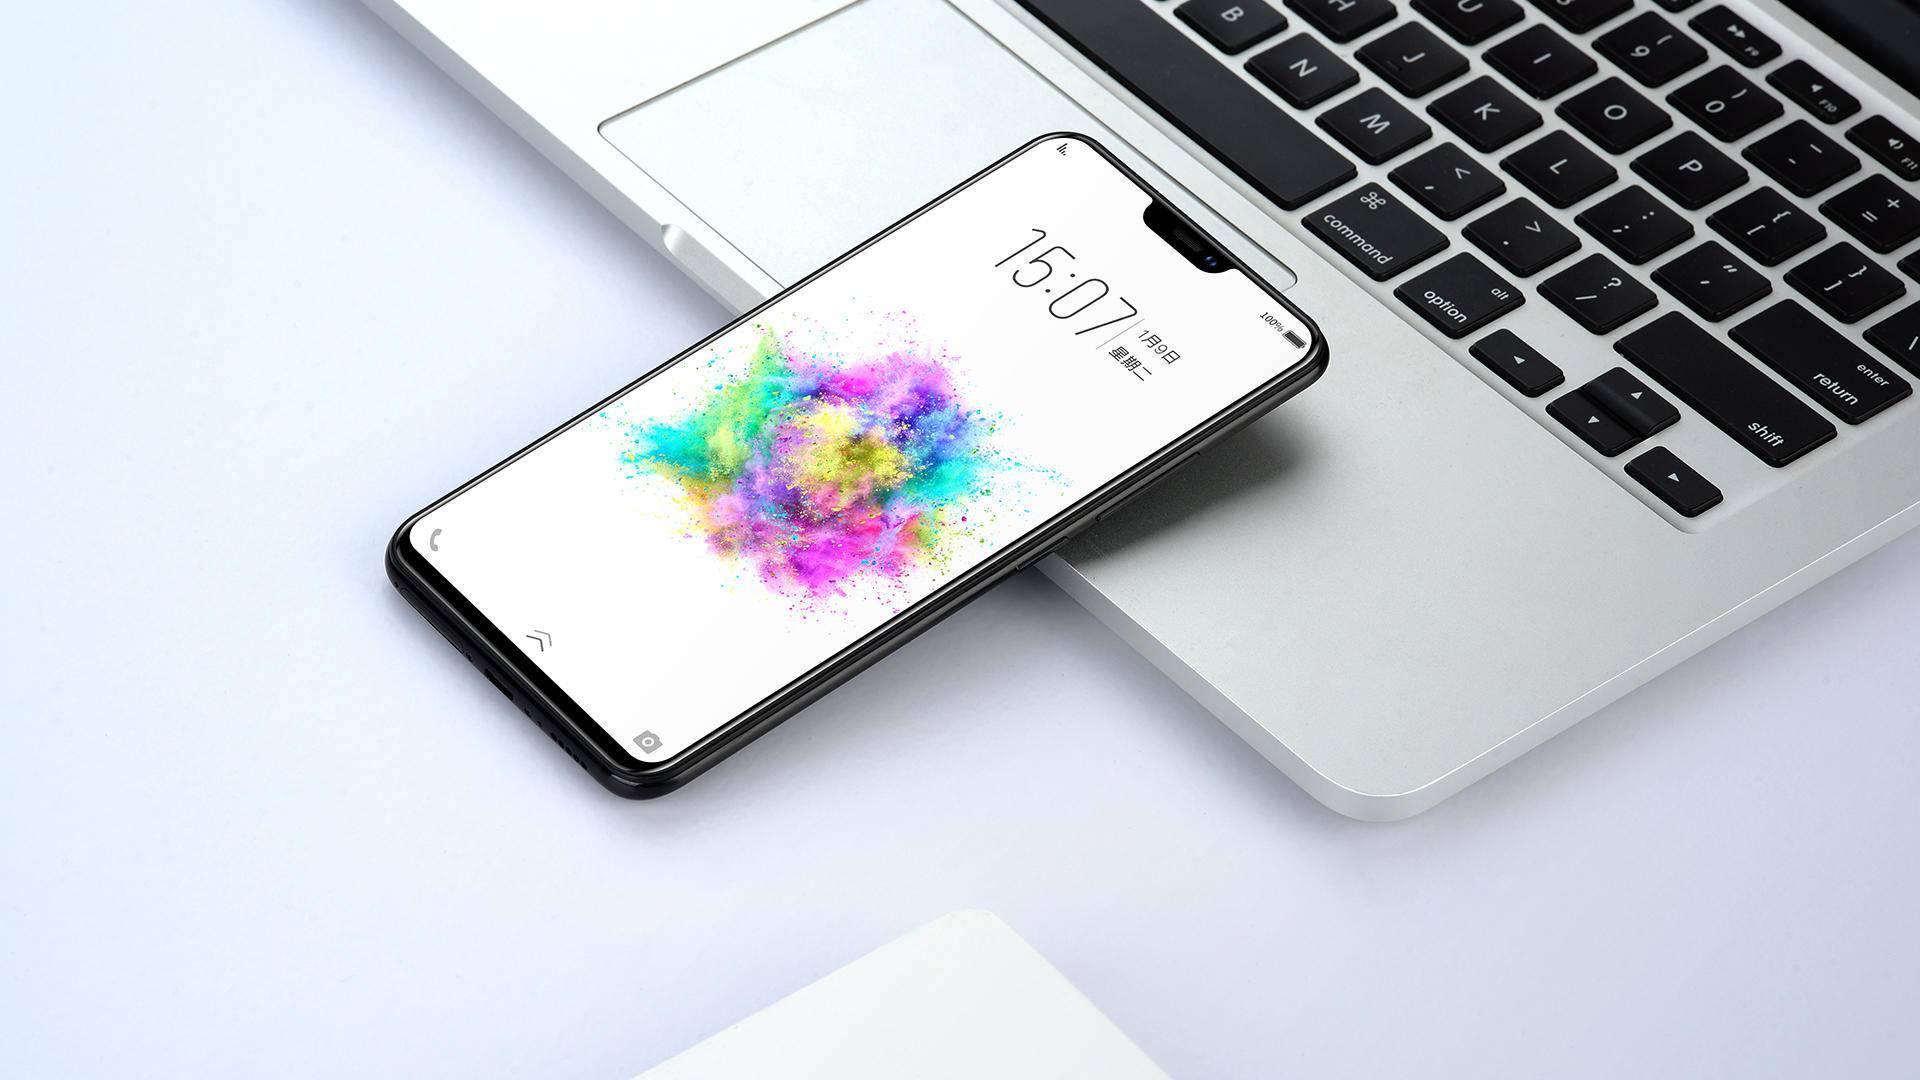 2018女士手机排行榜_女性手机排行榜2018前十名